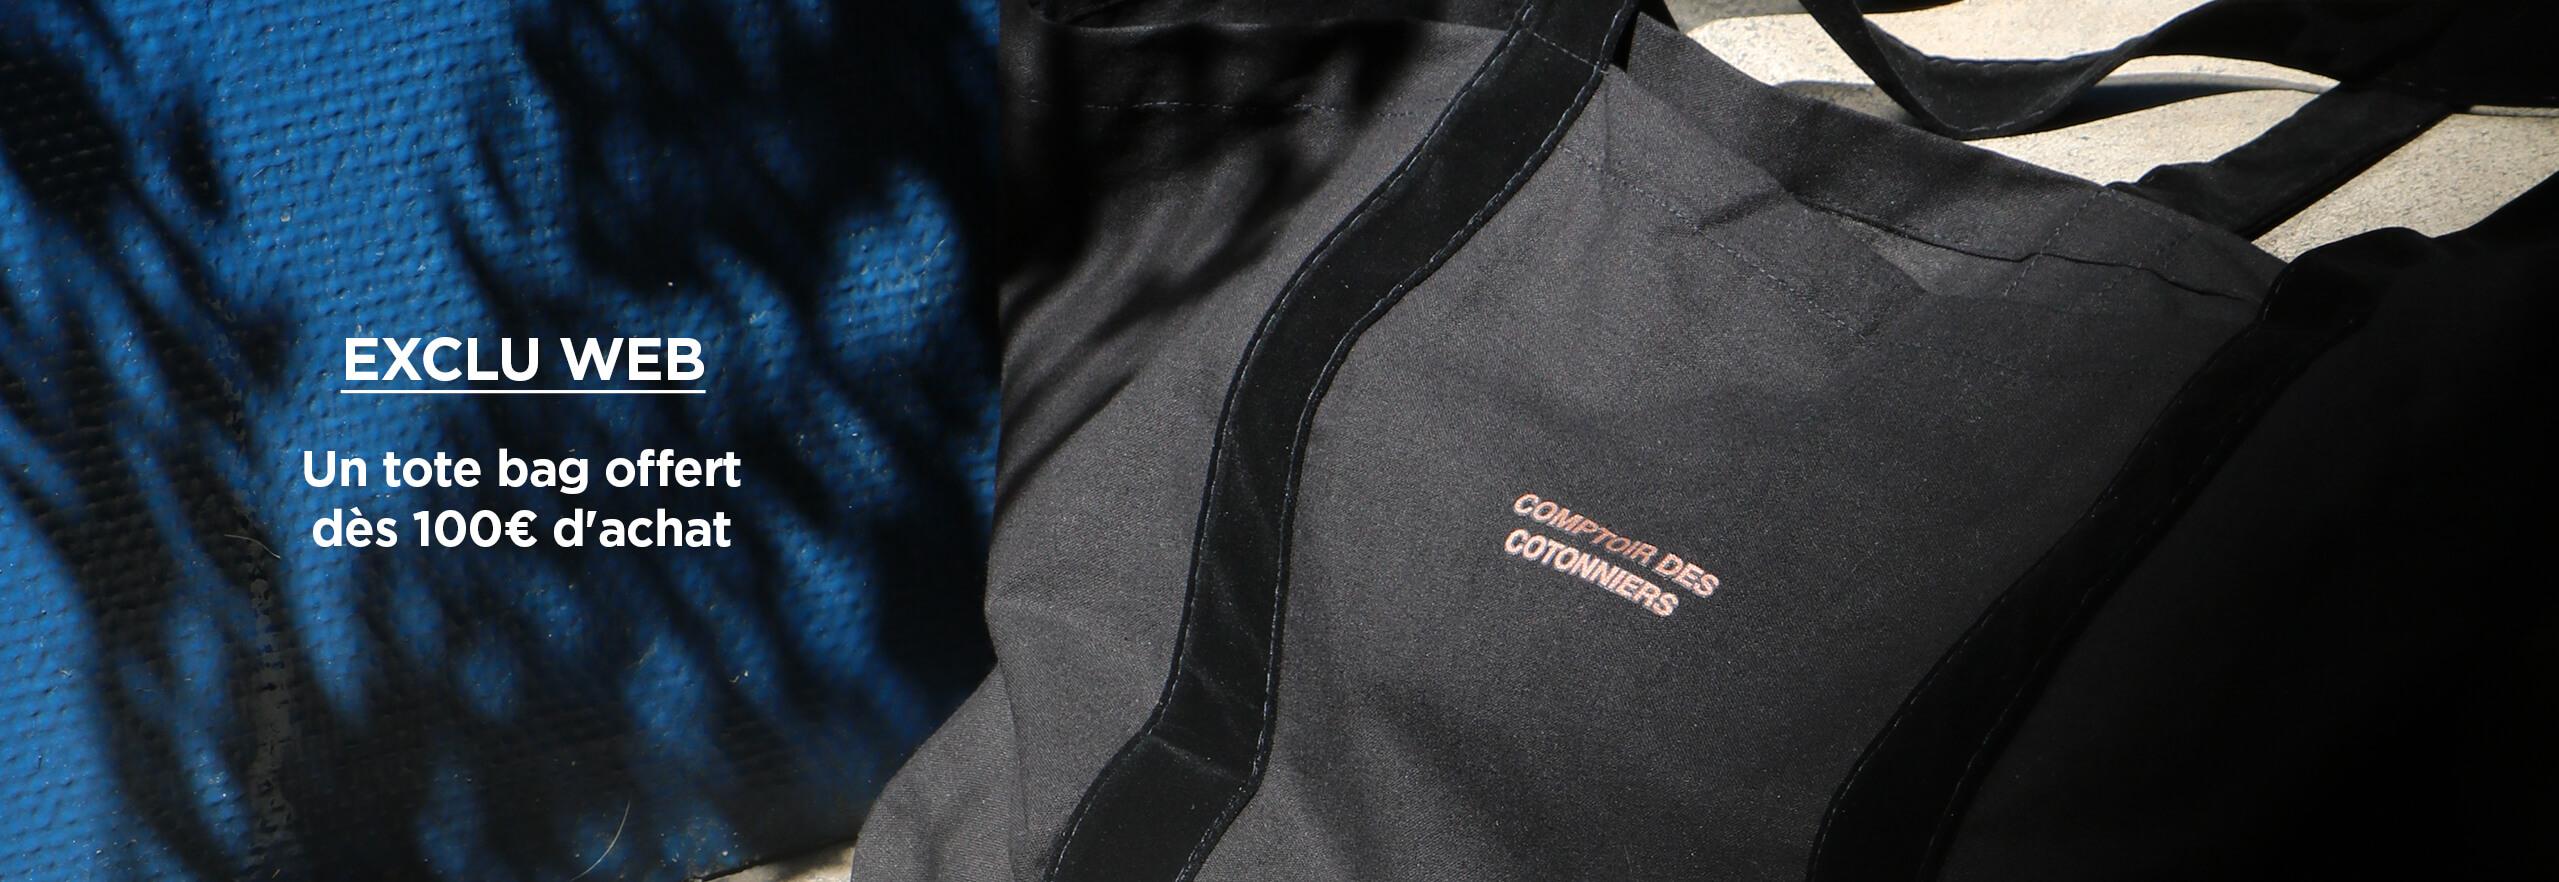 Un totebag Comptoir des Cotonniers offert dès 100€ d'achat